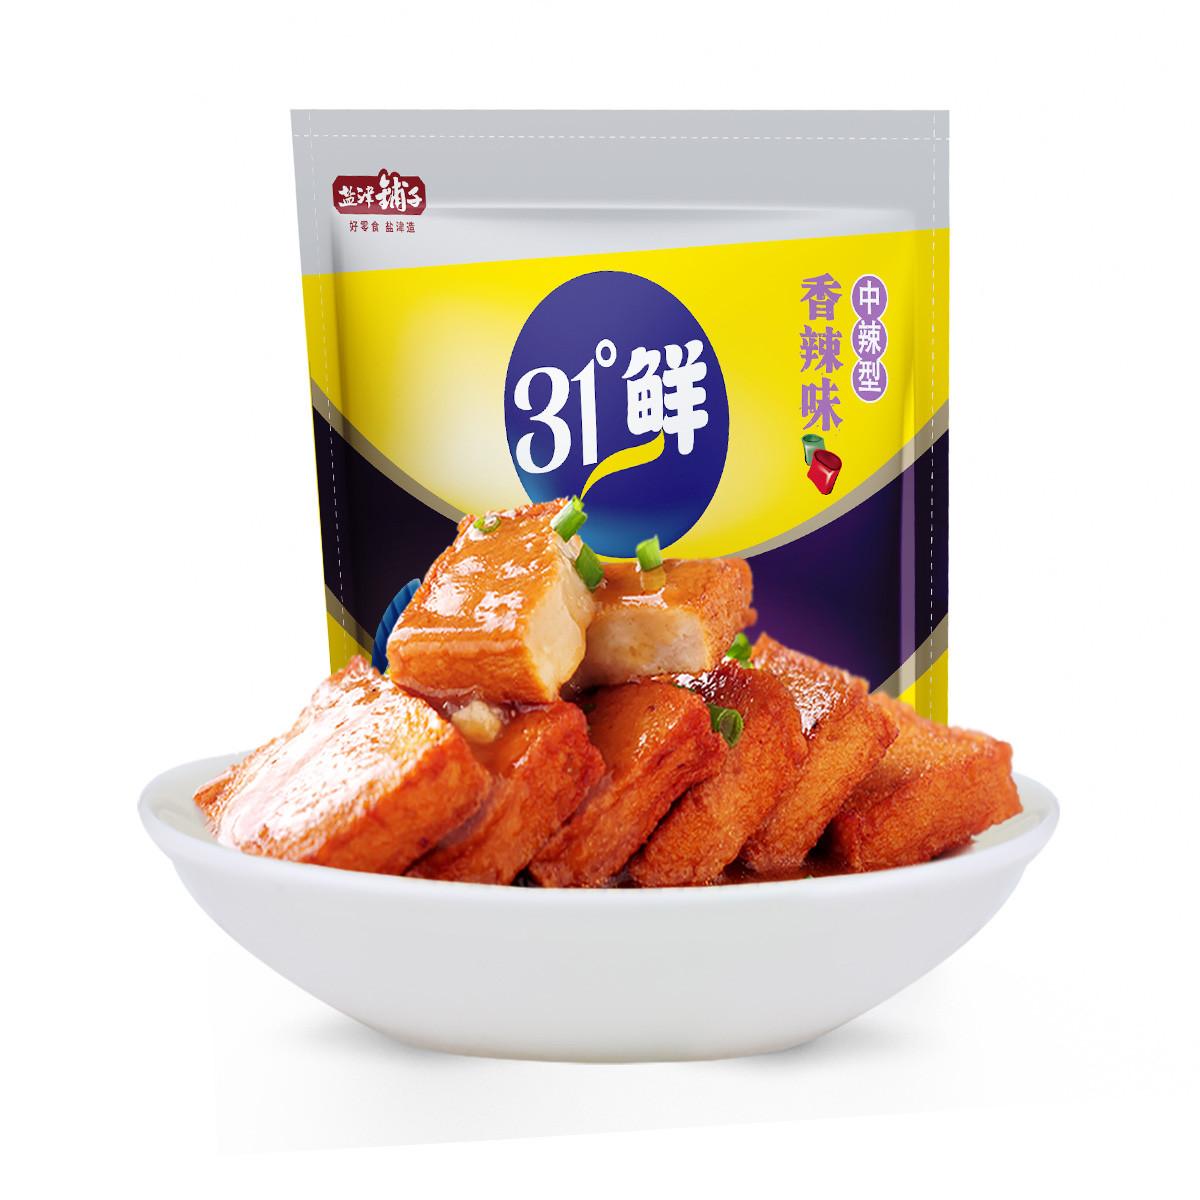 盐津铺子盐津铺子鱼豆腐香辣味600g零食豆腐干即食小吃零食大礼包6926104937810